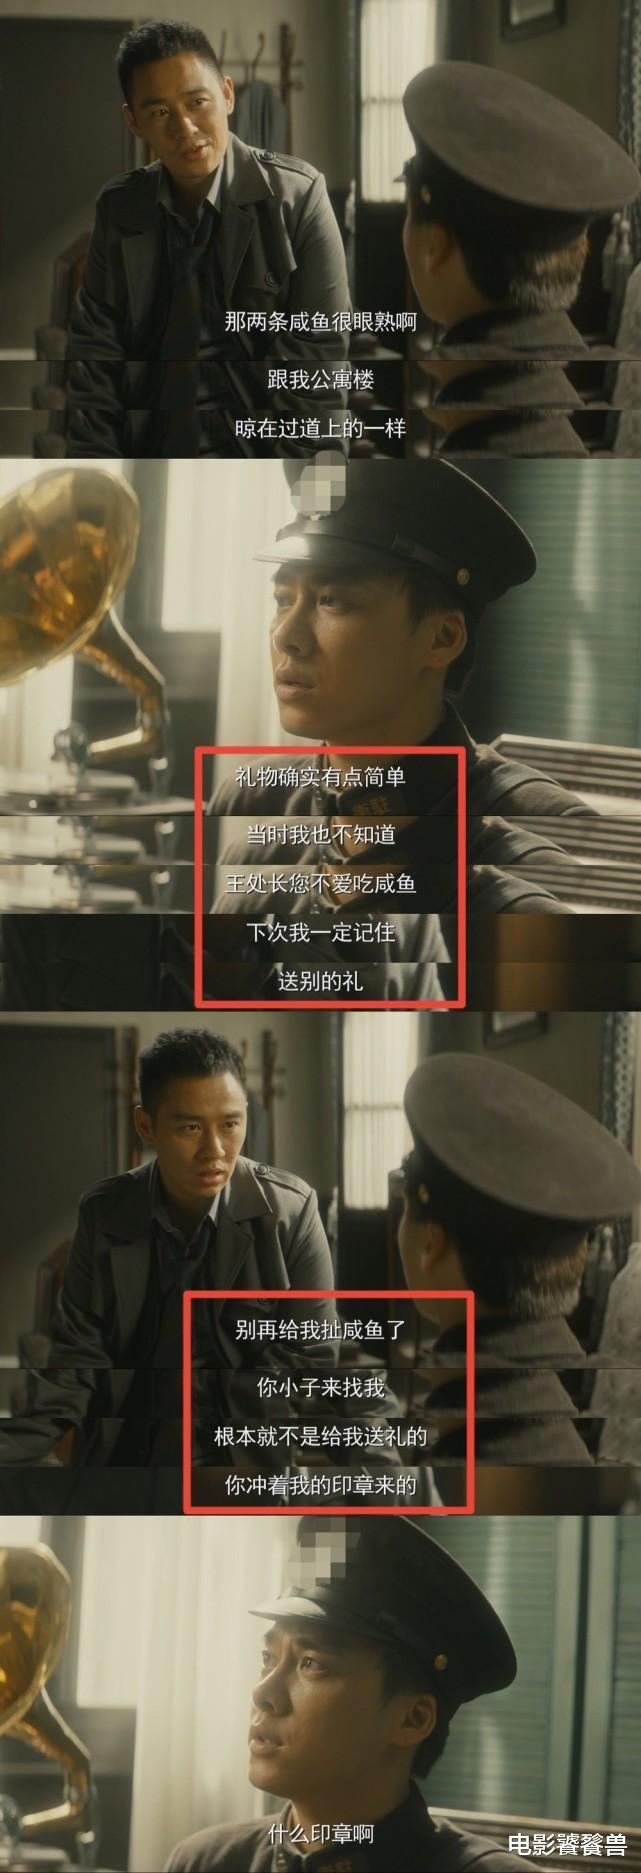 顧耀東終於開掛,卻逼瘋可達鴨,85後李易峰的新劇太上頭-圖4